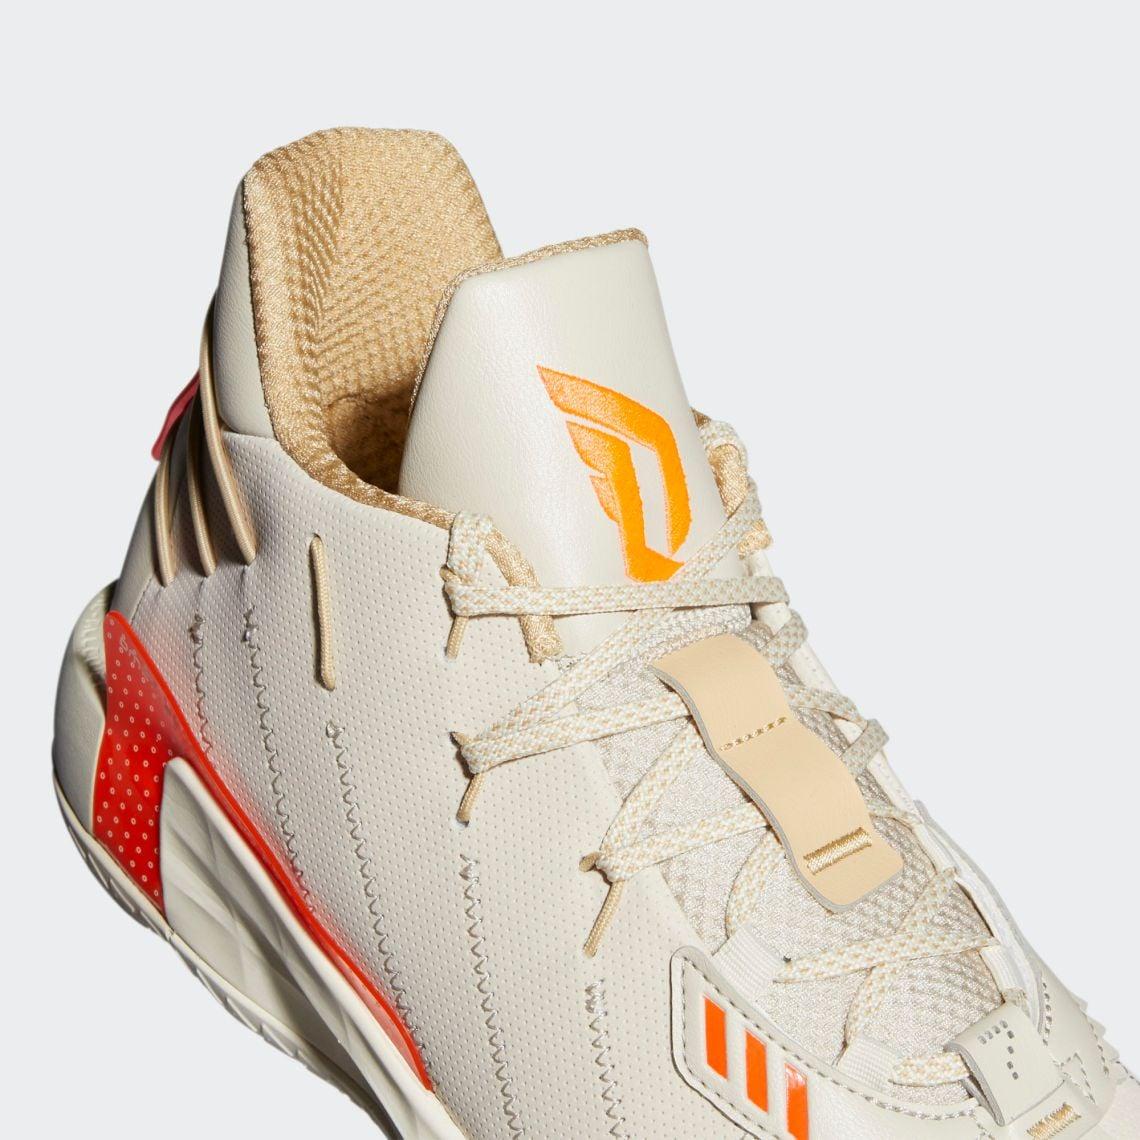 Adidas Dame 7 Cream - Orange